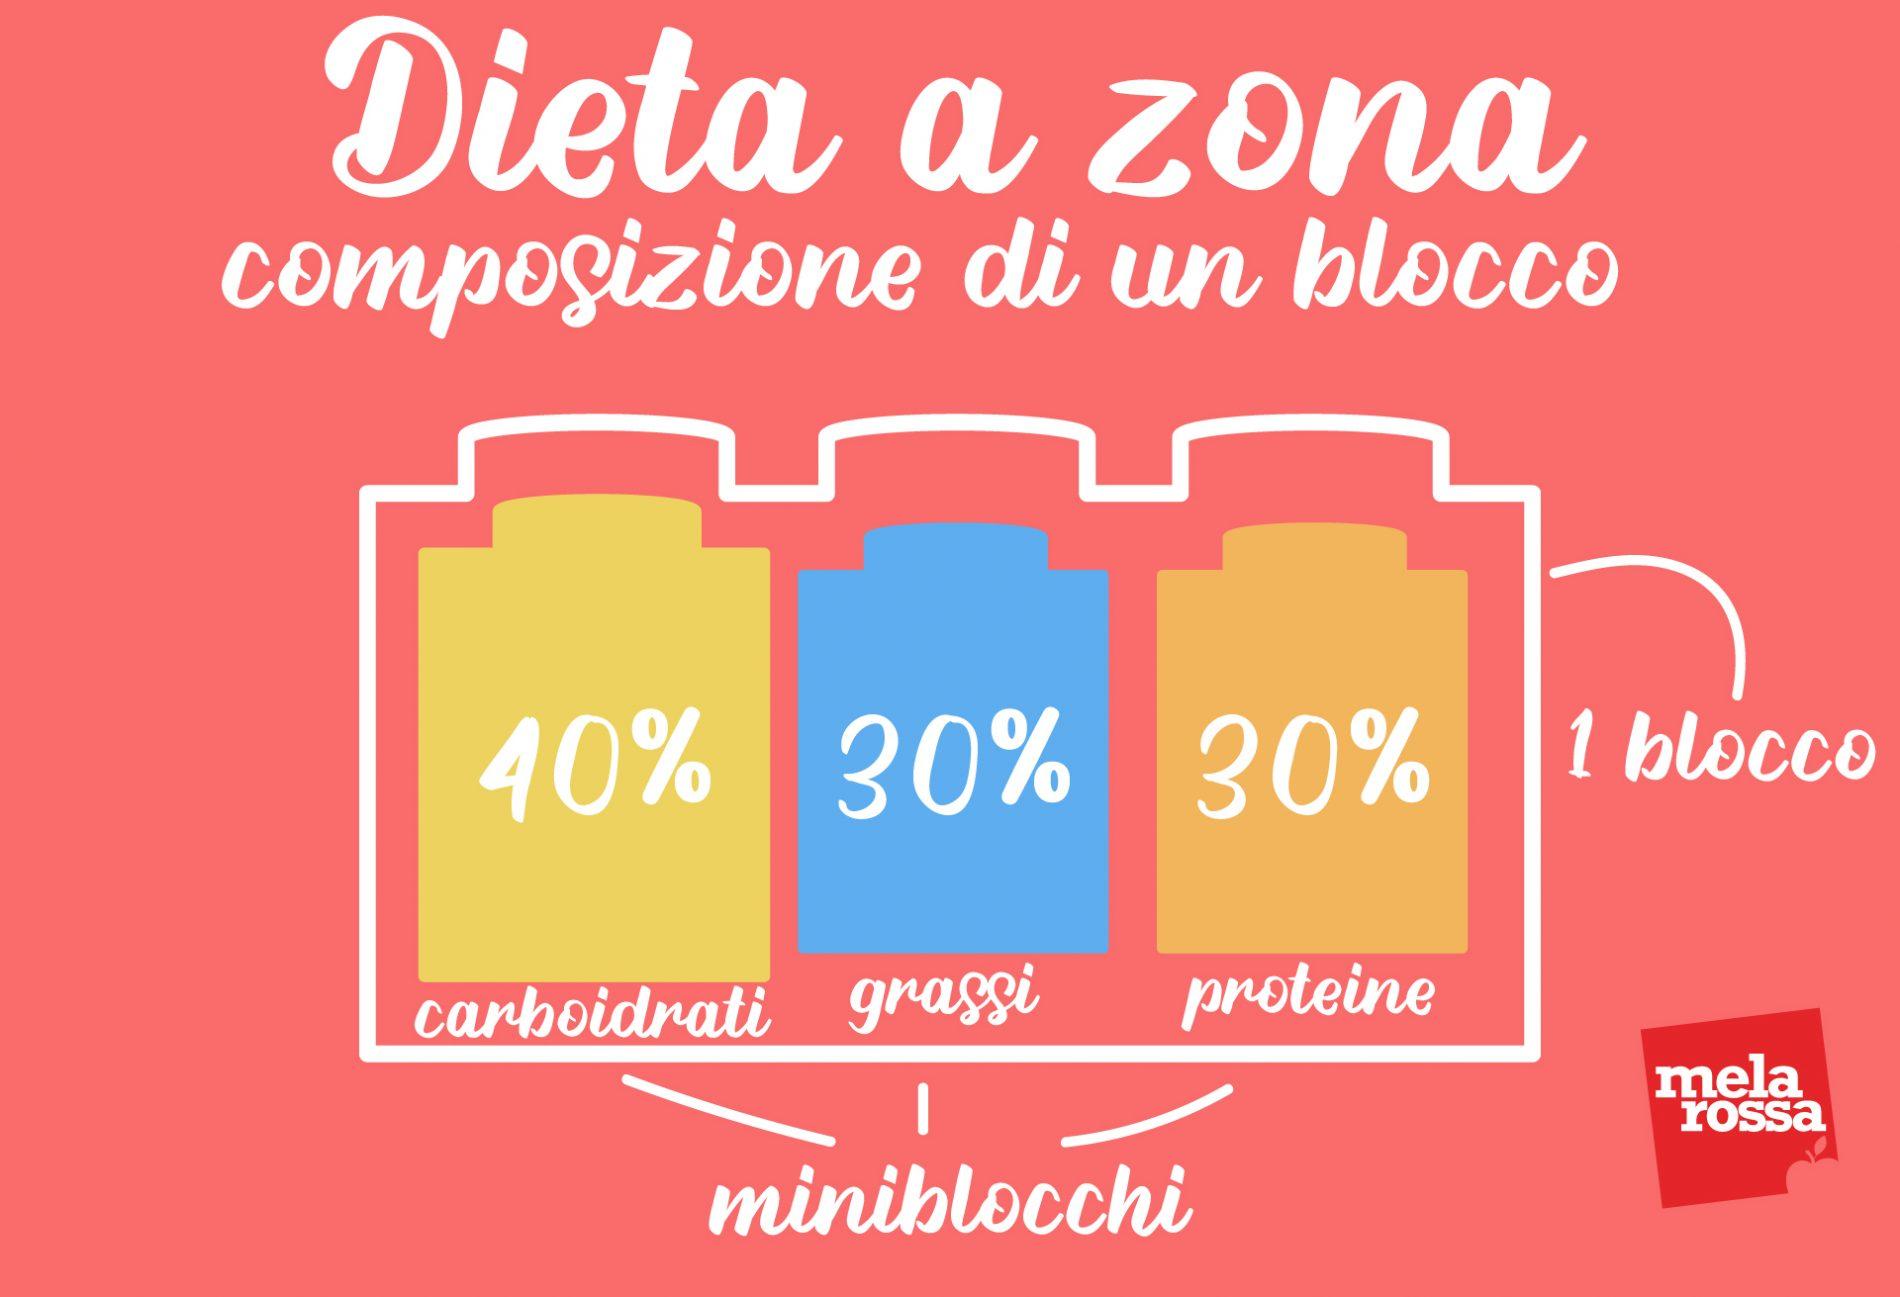 dieta a zona: composizione di un blocco